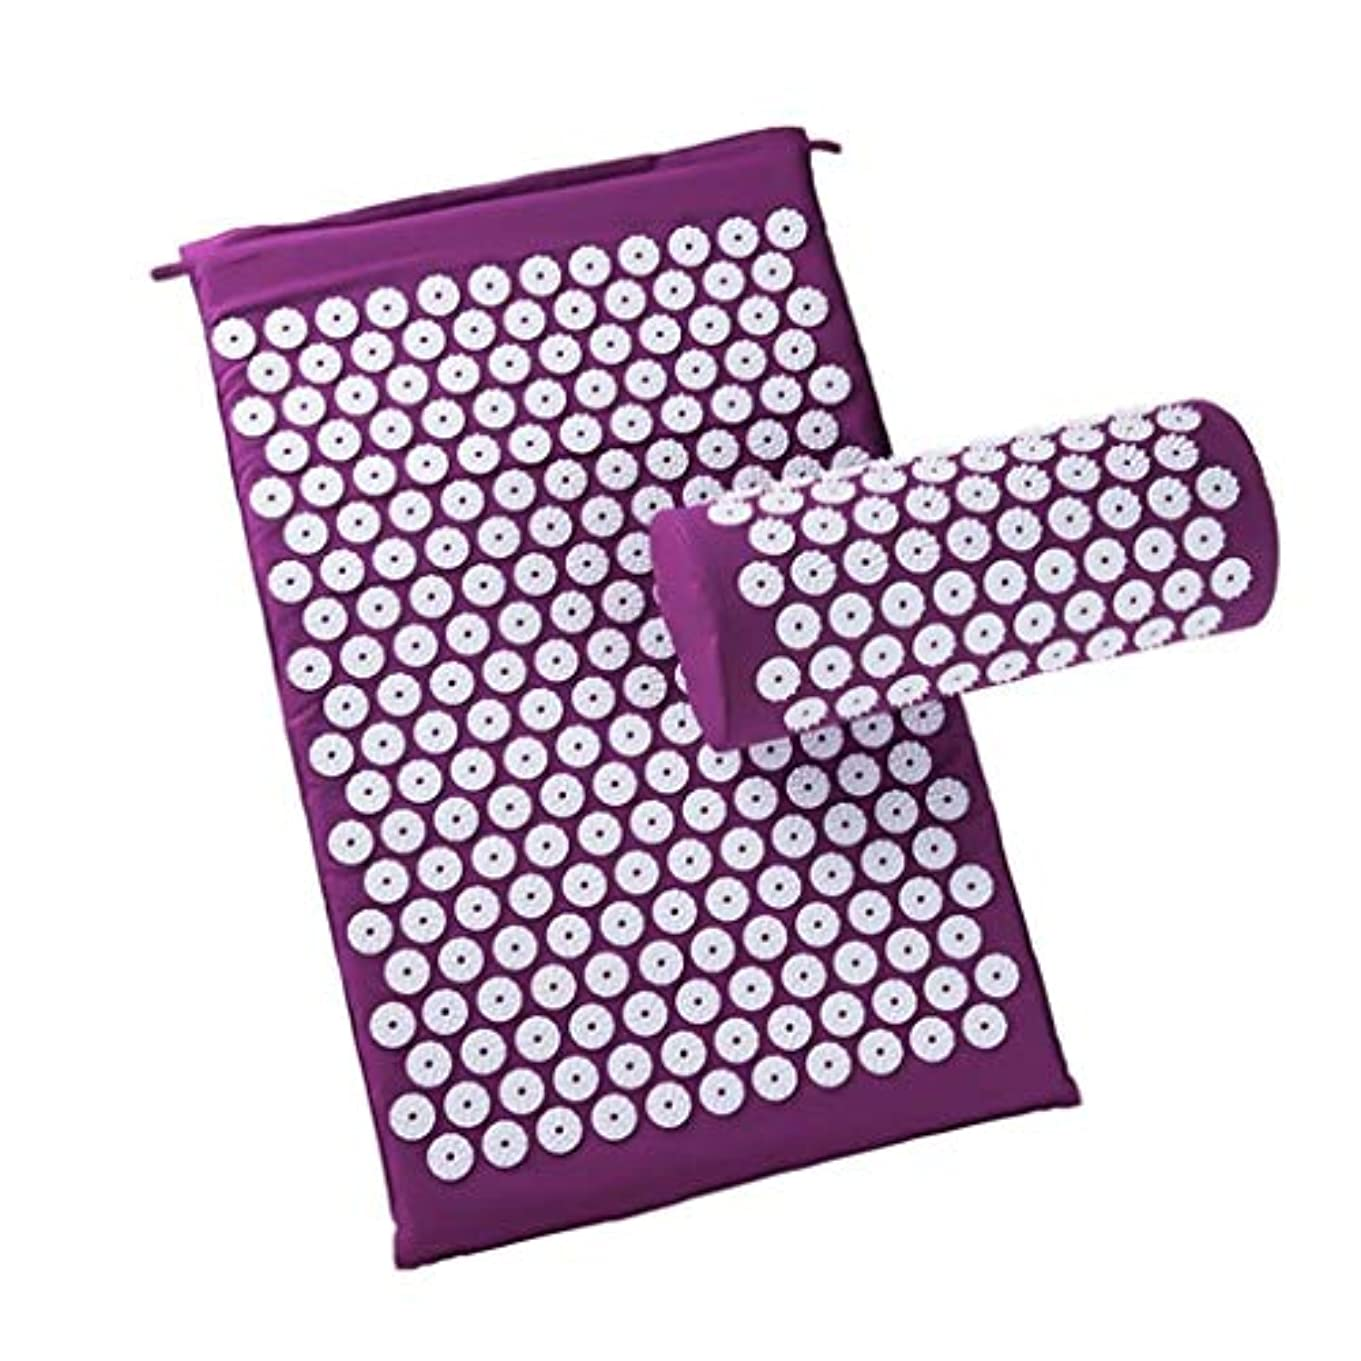 しおれたつぼみ無一文マッサージャー、フィンガーパッド/枕カバー、背中、首、坐骨神経痛の痛み/圧力を和らげる、筋肉の弛緩 (Color : 紫の)